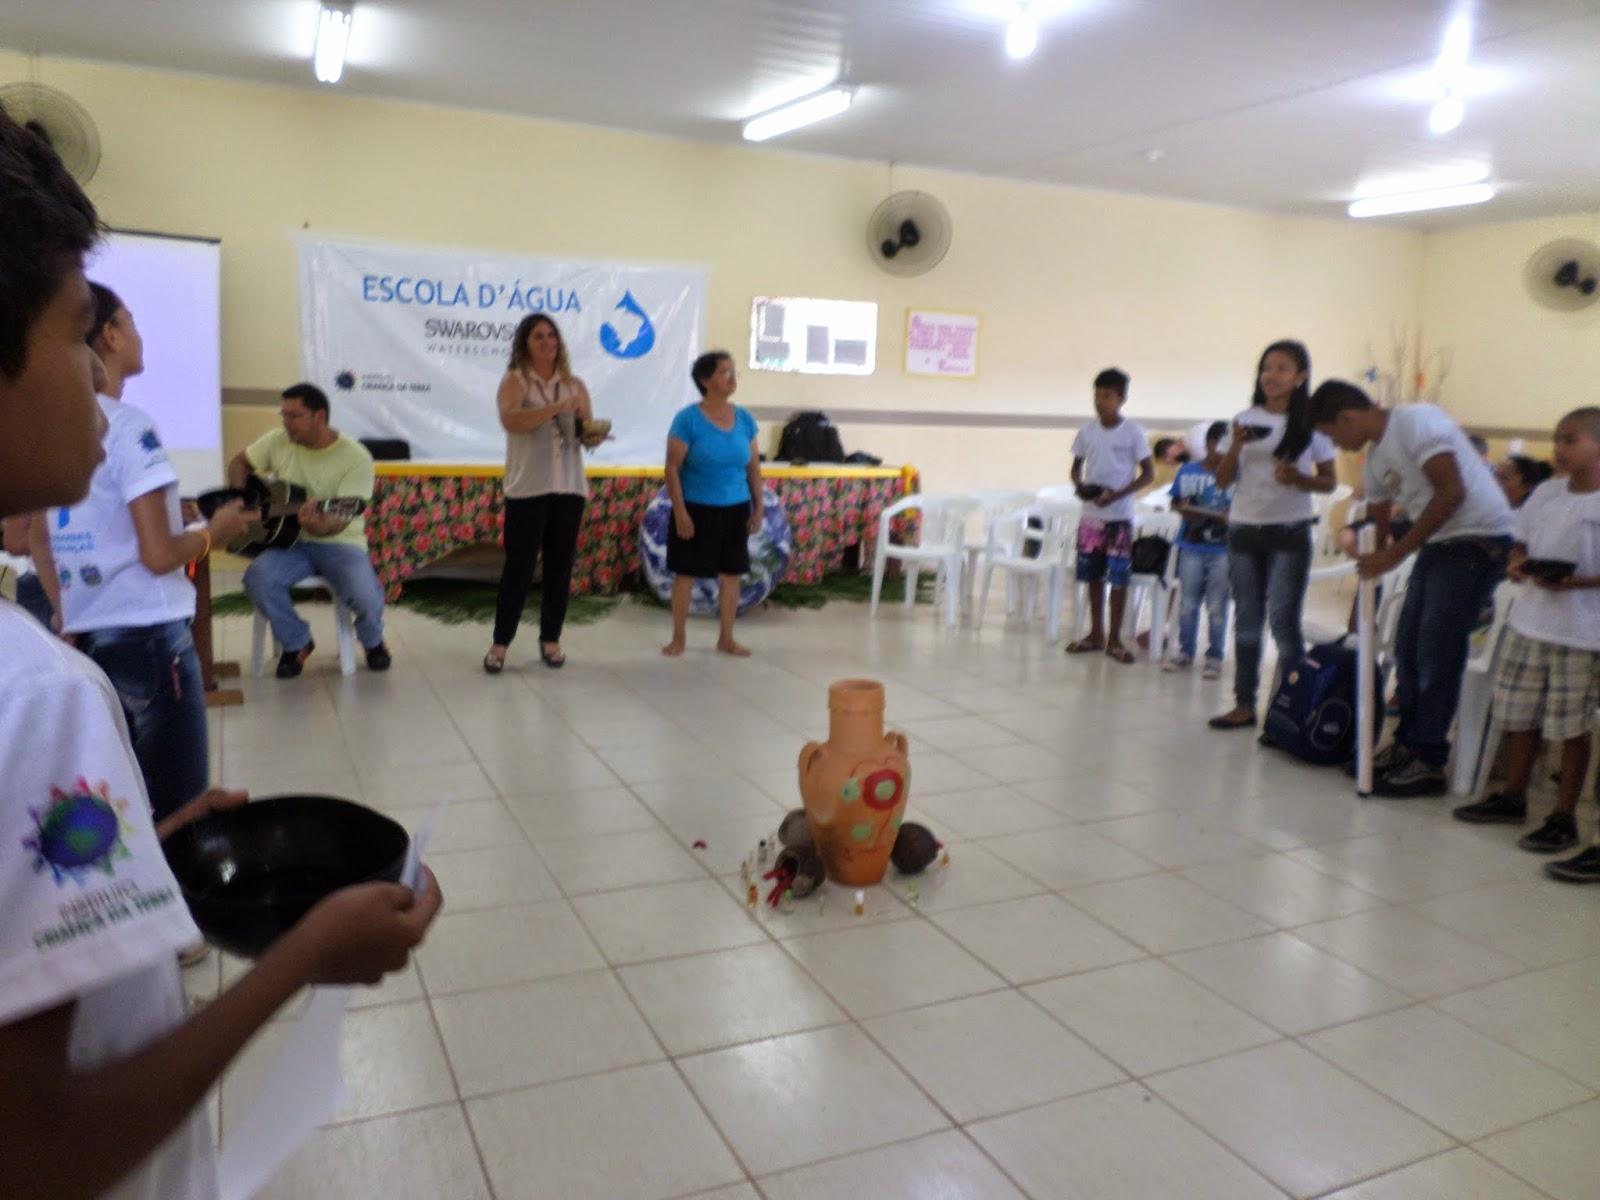 Escola Municipal Irmã Leodgard Gausepohl Produções: ESCOLA LEODGARD E UCA NA CULTURA DIGITAL EM SANTARÉM-PARÁ